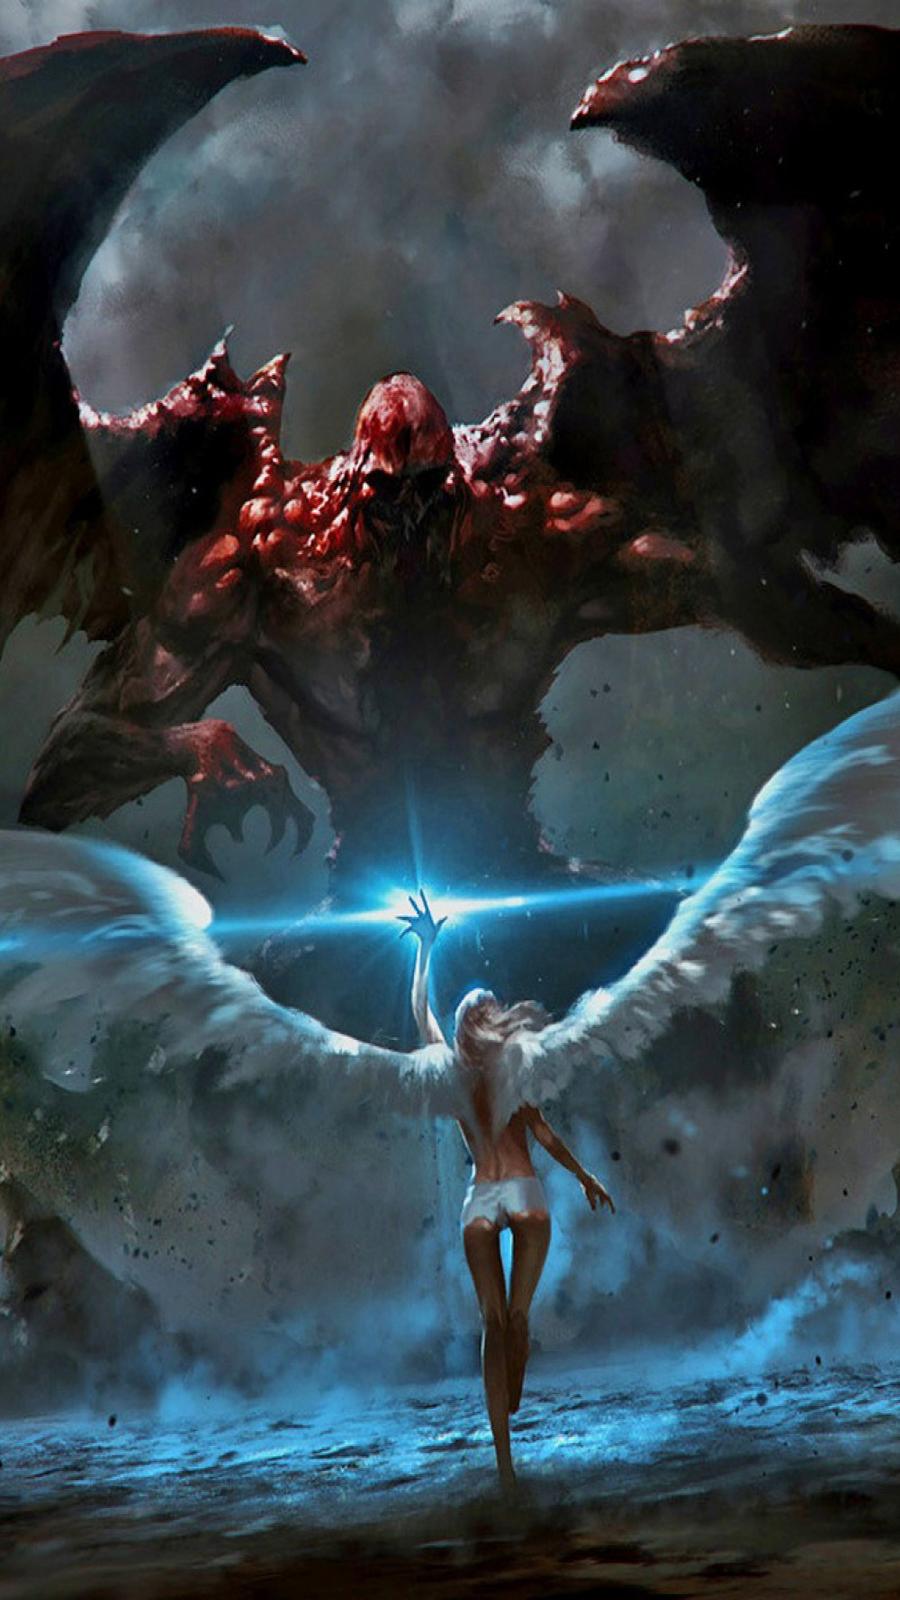 Angel VS Demon Battle HD Wallpapers Free Download